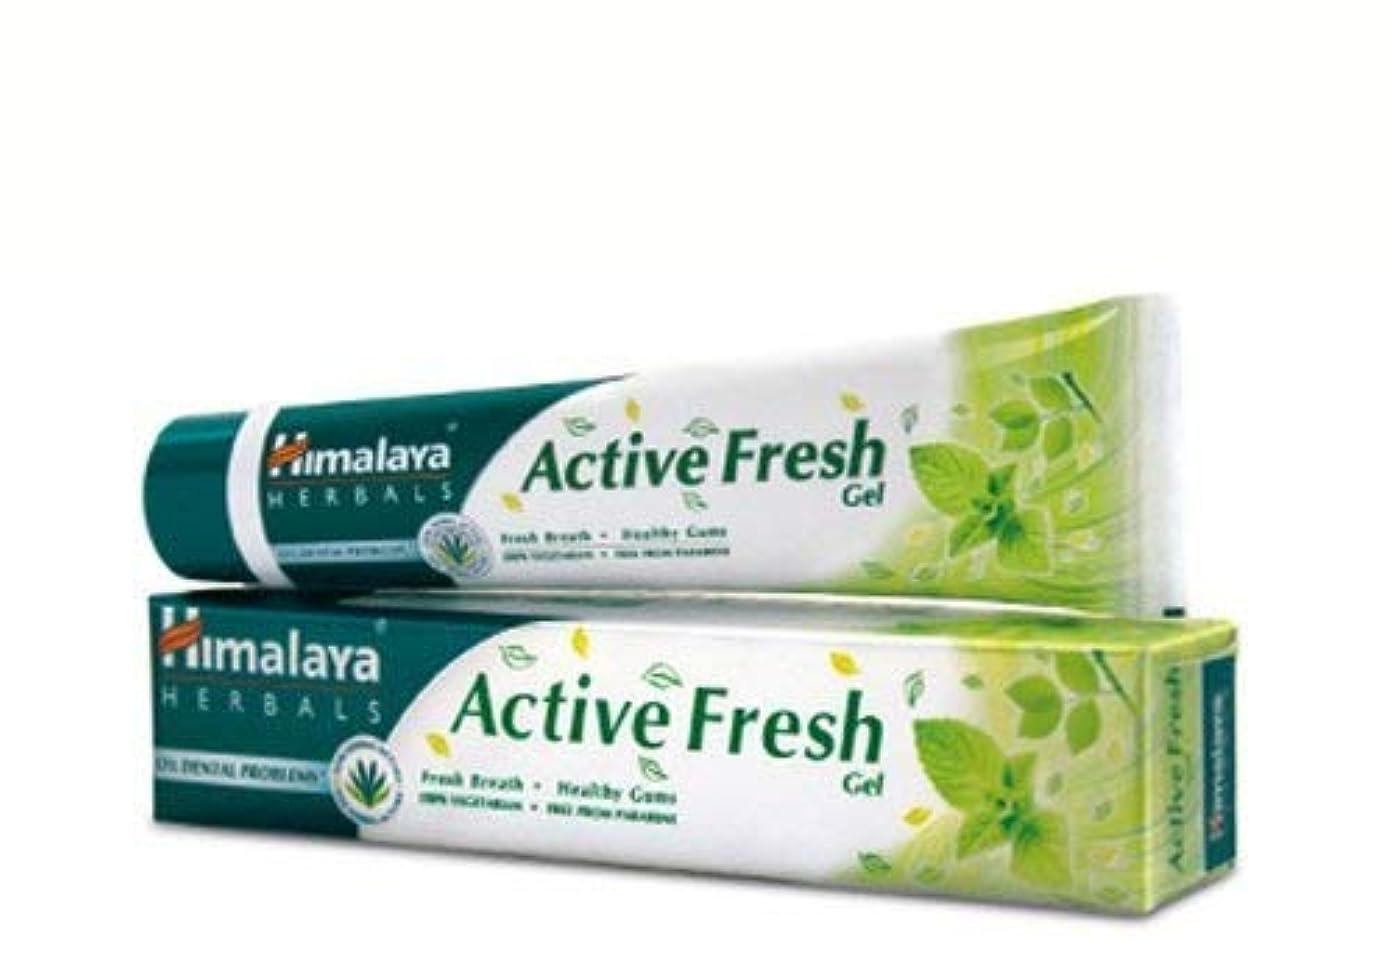 スイ規制黒ヒマラヤ トゥースペイスト アクティブ フレッシュ(歯磨き粉)80g 2本Set Himalaya Active Fresh Toothpaste